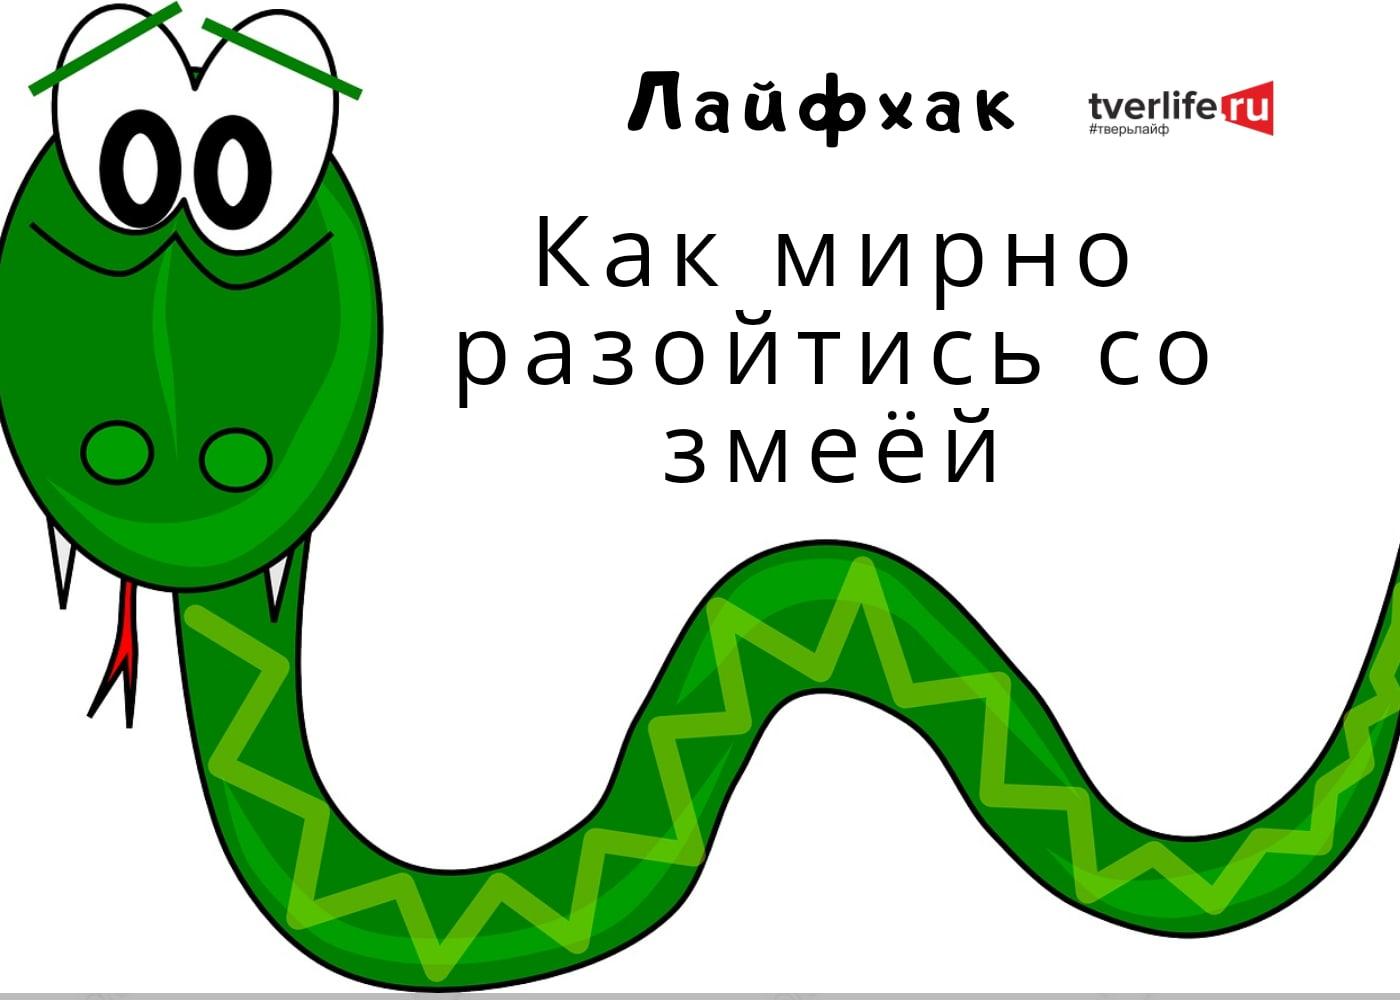 Где прячутся змеи и как не попасть гадюке на зубок в Тверской области